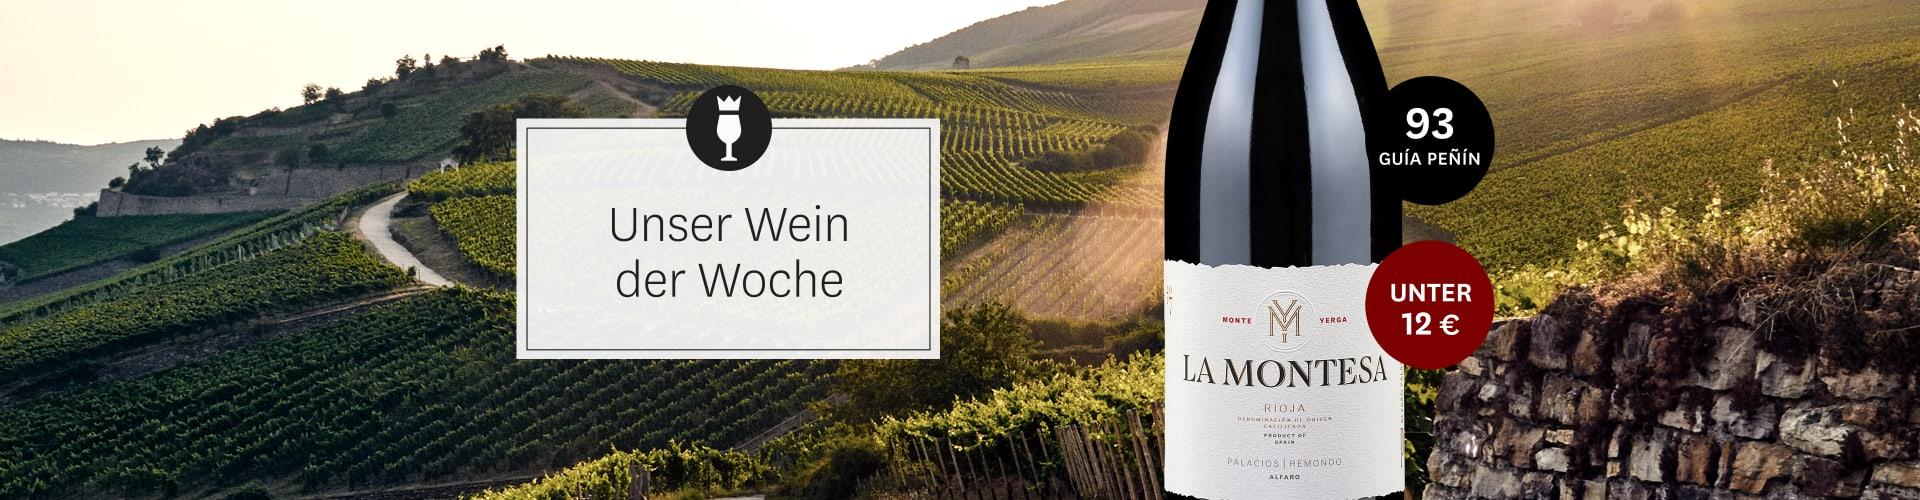 Weinberge und unser aktueller Wein der Woche